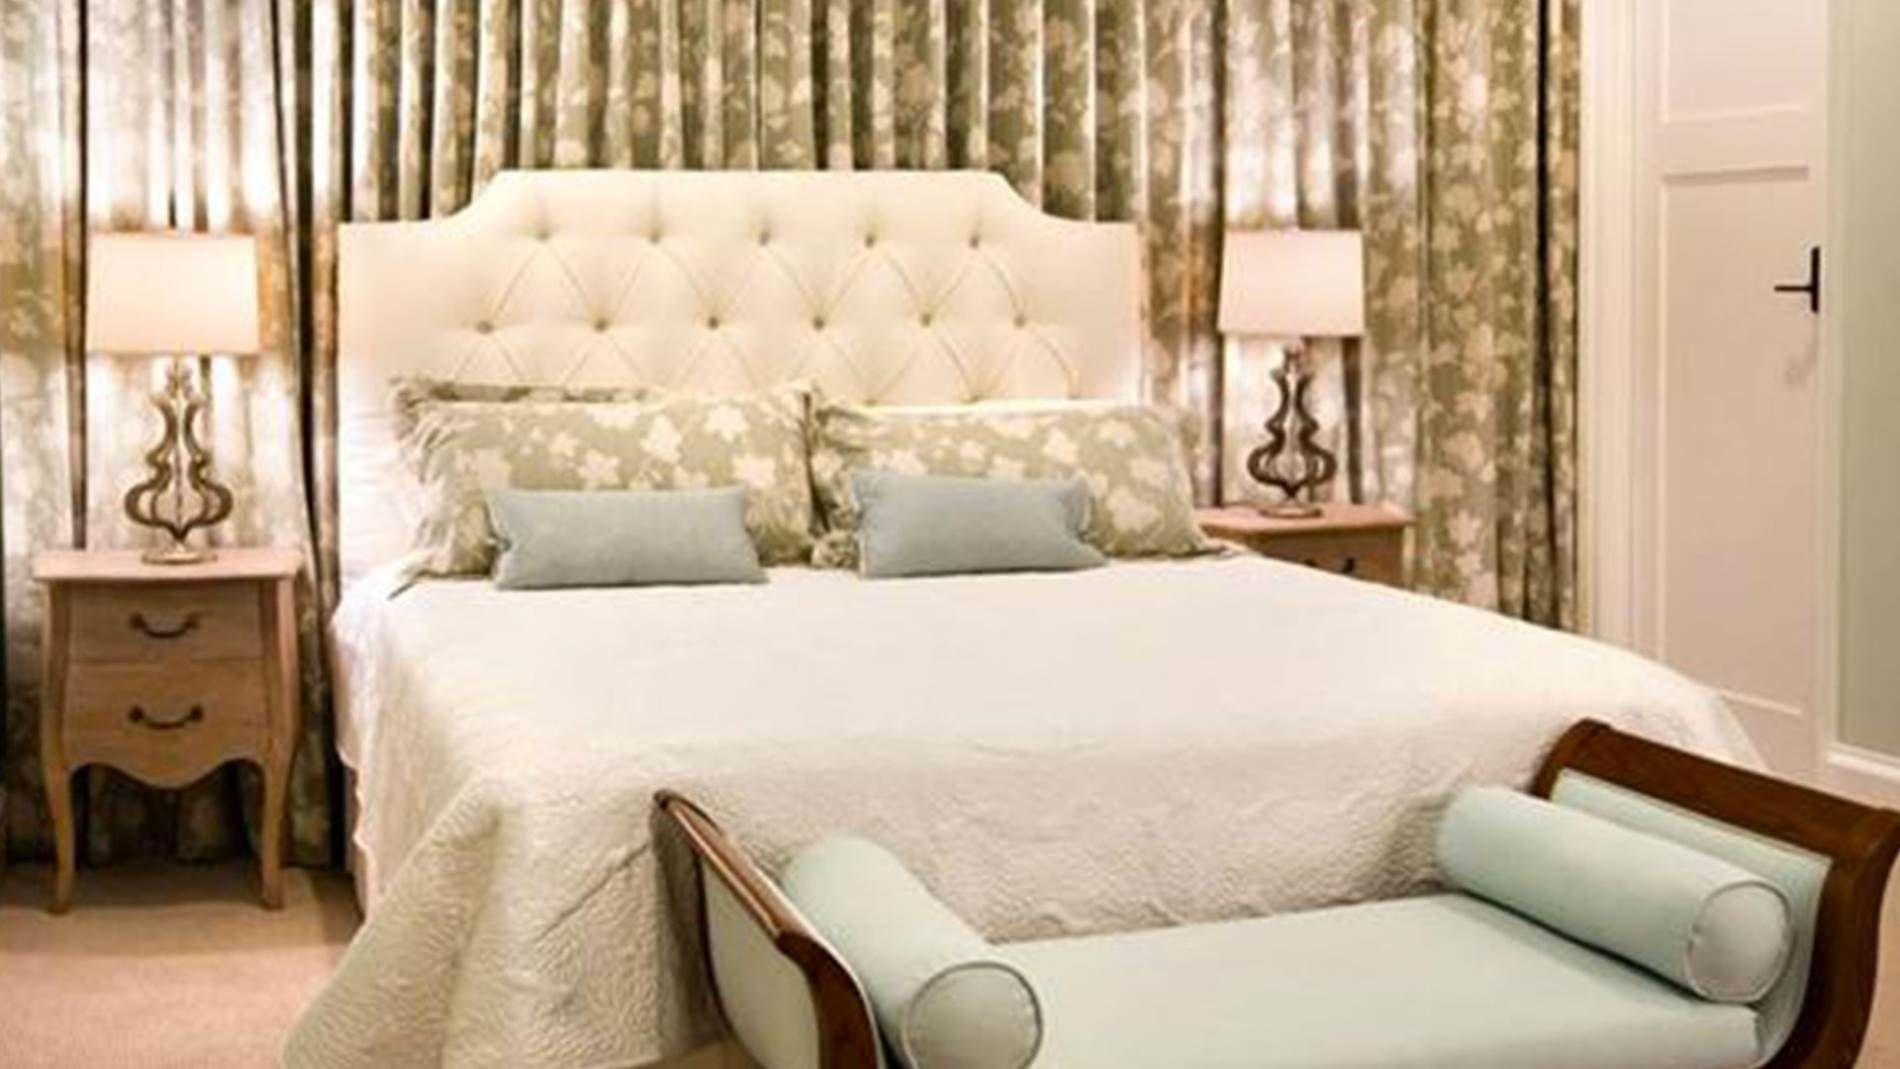 Romantisches schlafzimmer interieur romantisches wandtattoo für schlafzimmer schlafzimmer komplett